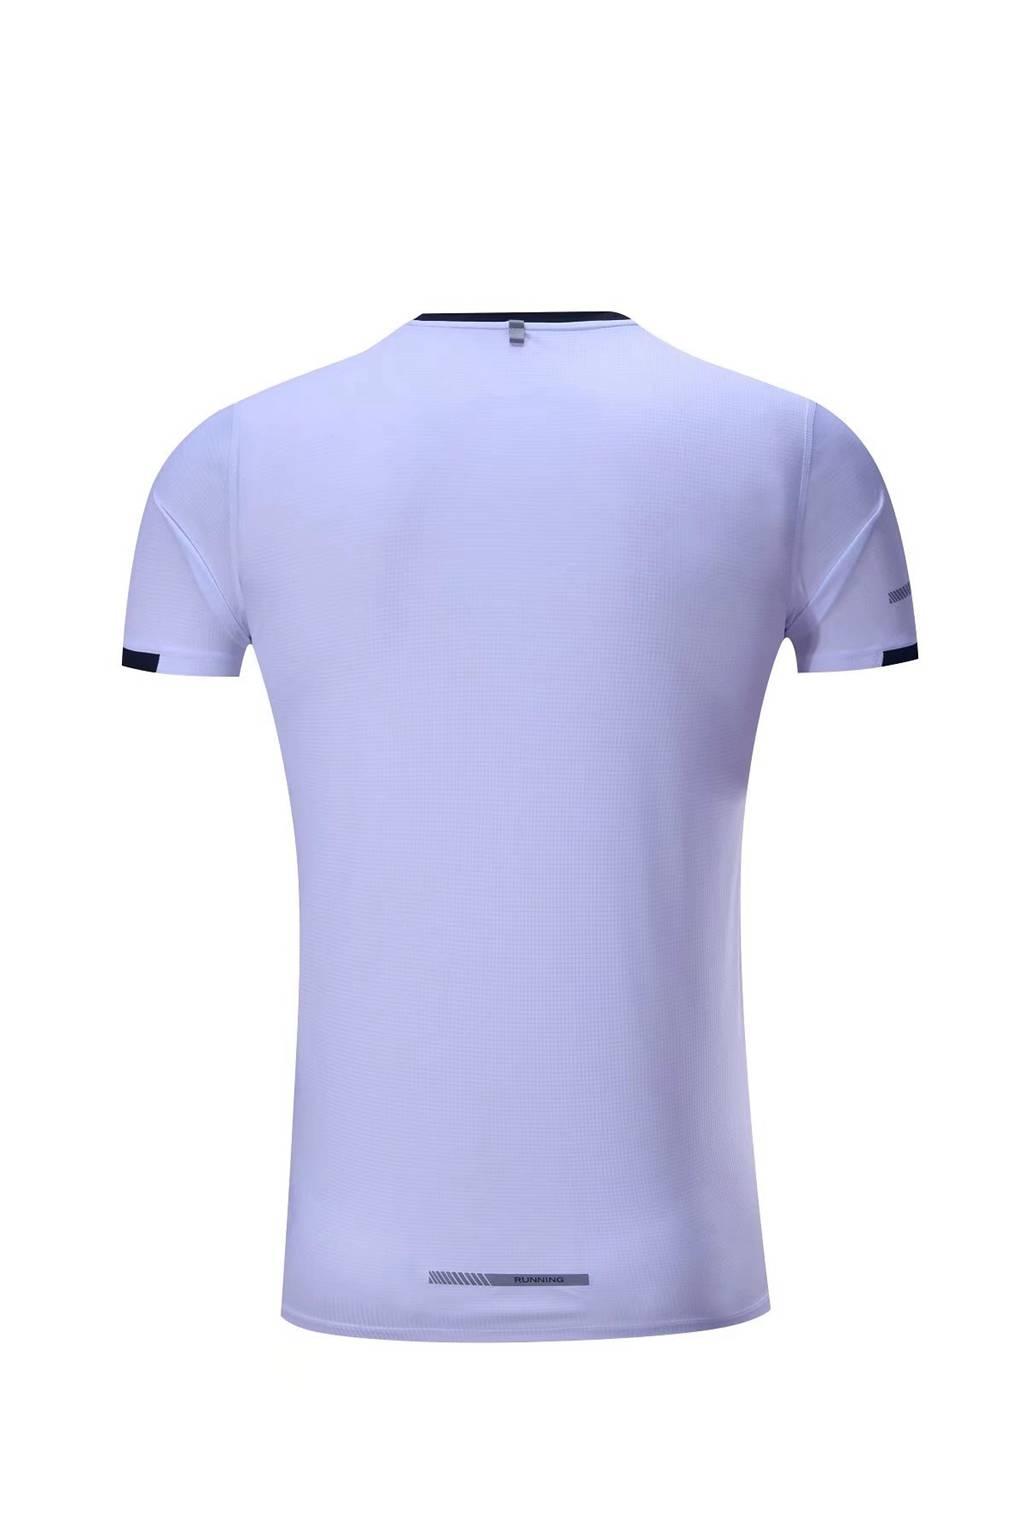 新款短袖T恤  纯色T恤半袖基础款 白色3D图